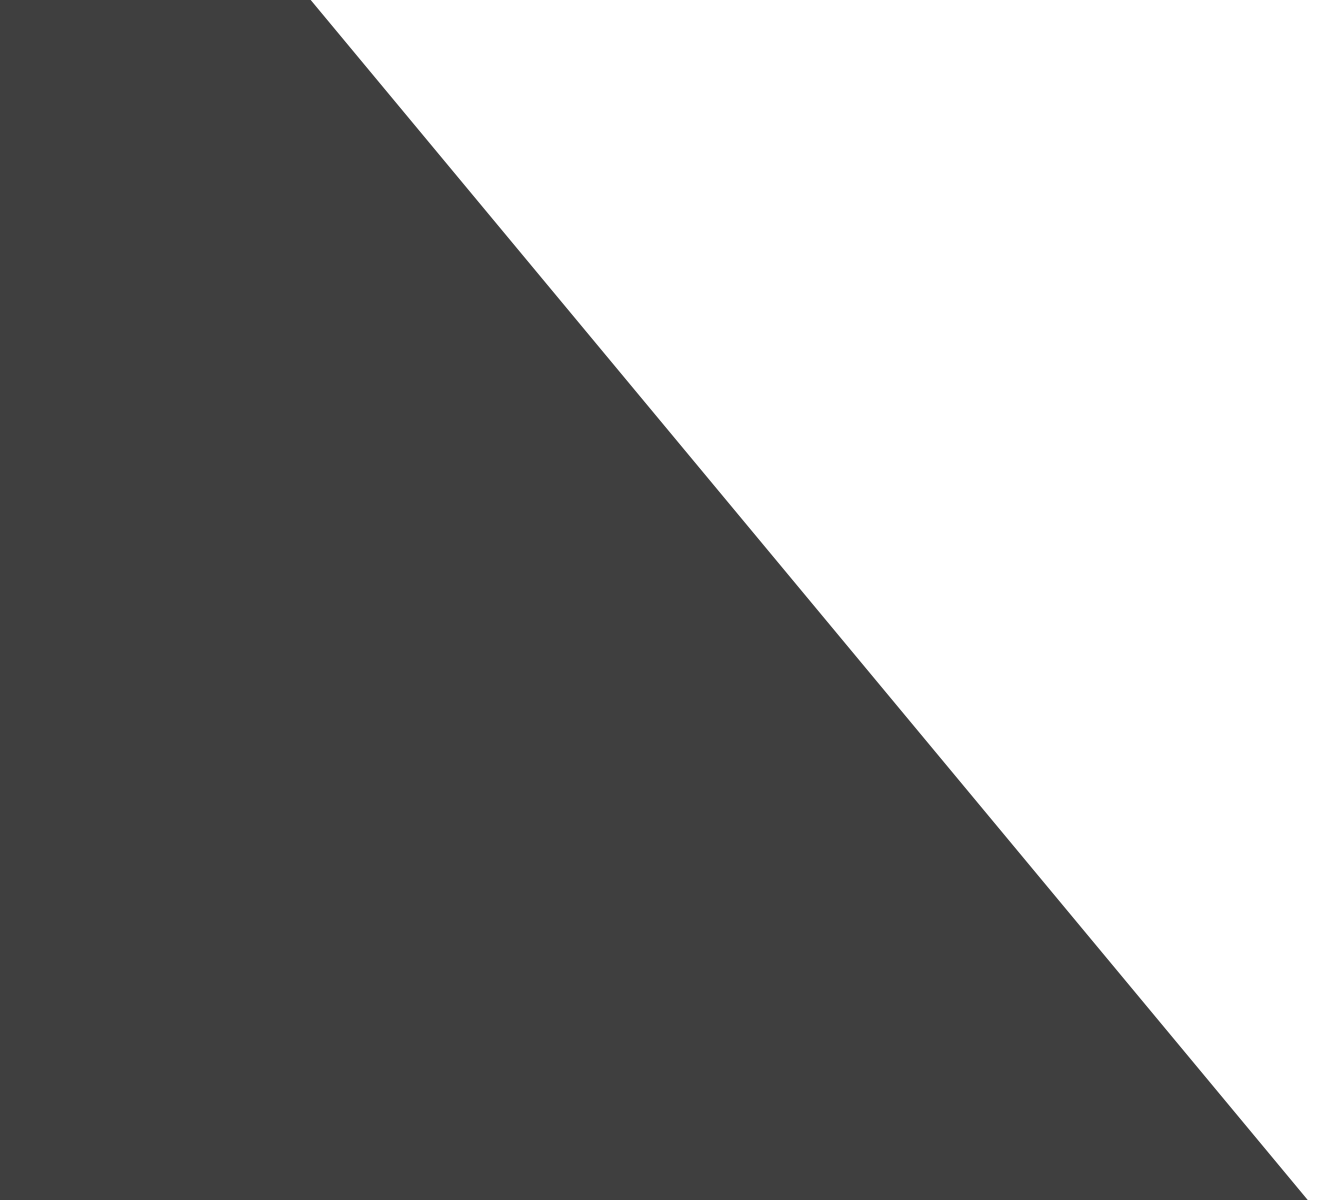 Banda negra